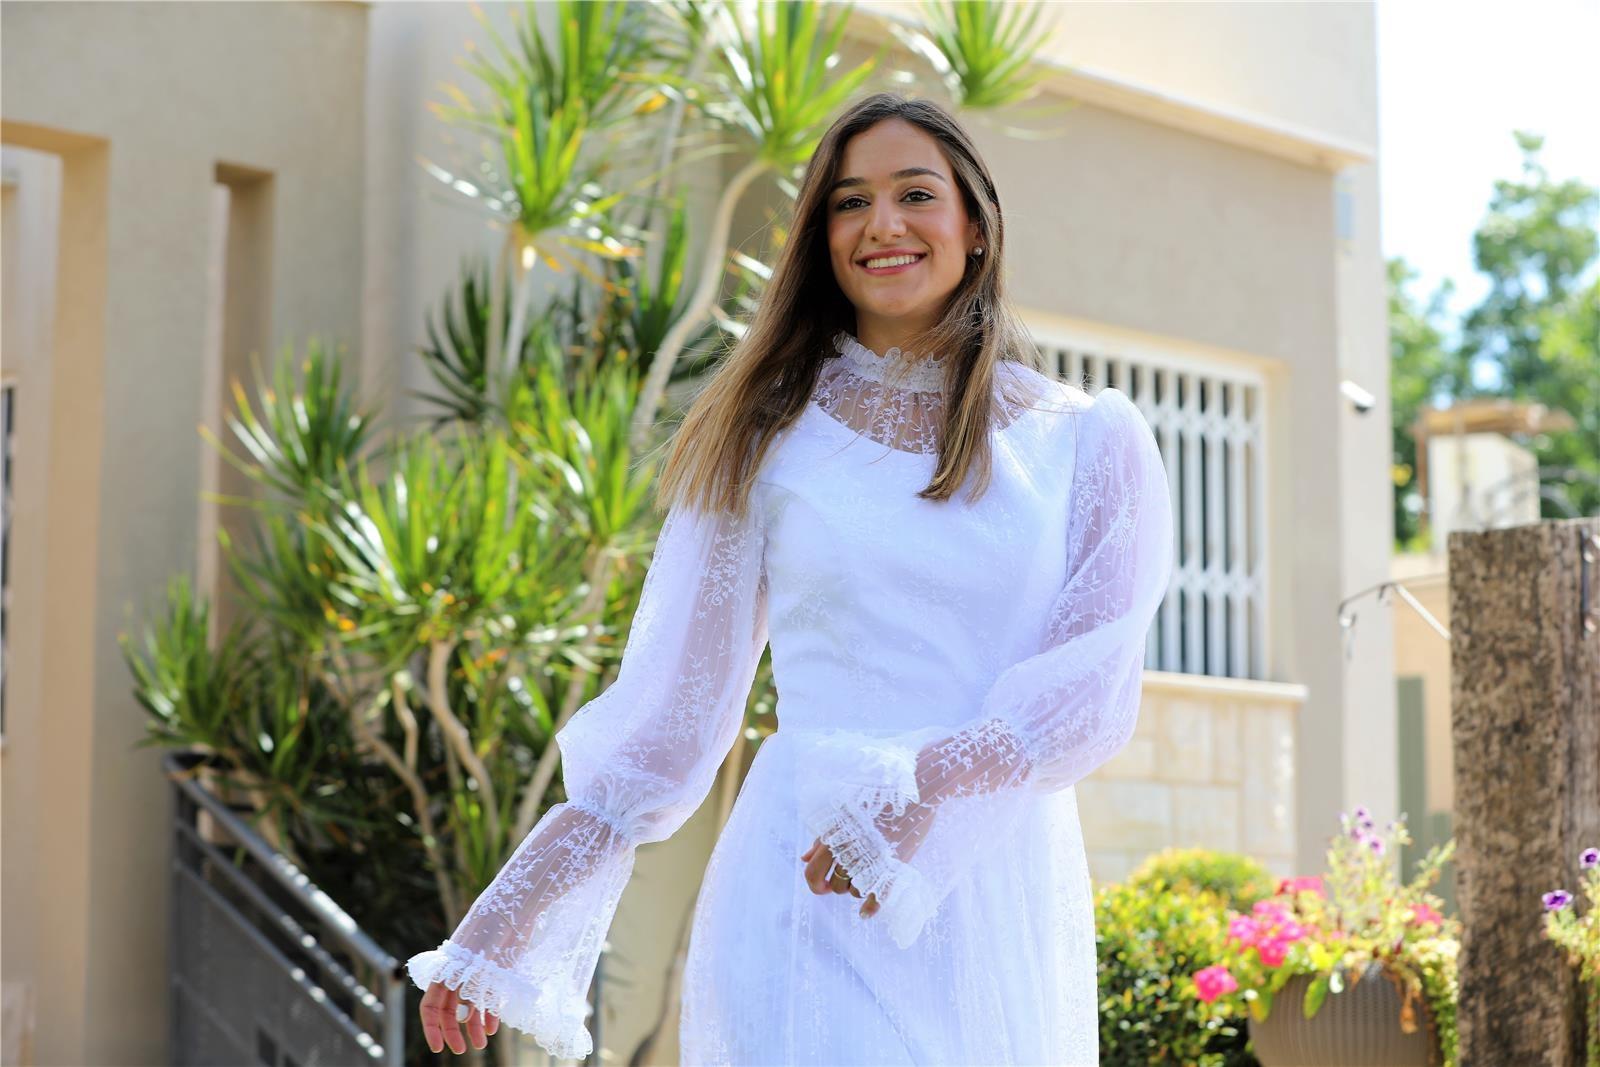 שמלת כלה של מירב מויאל (צילום: אבי ביטון)